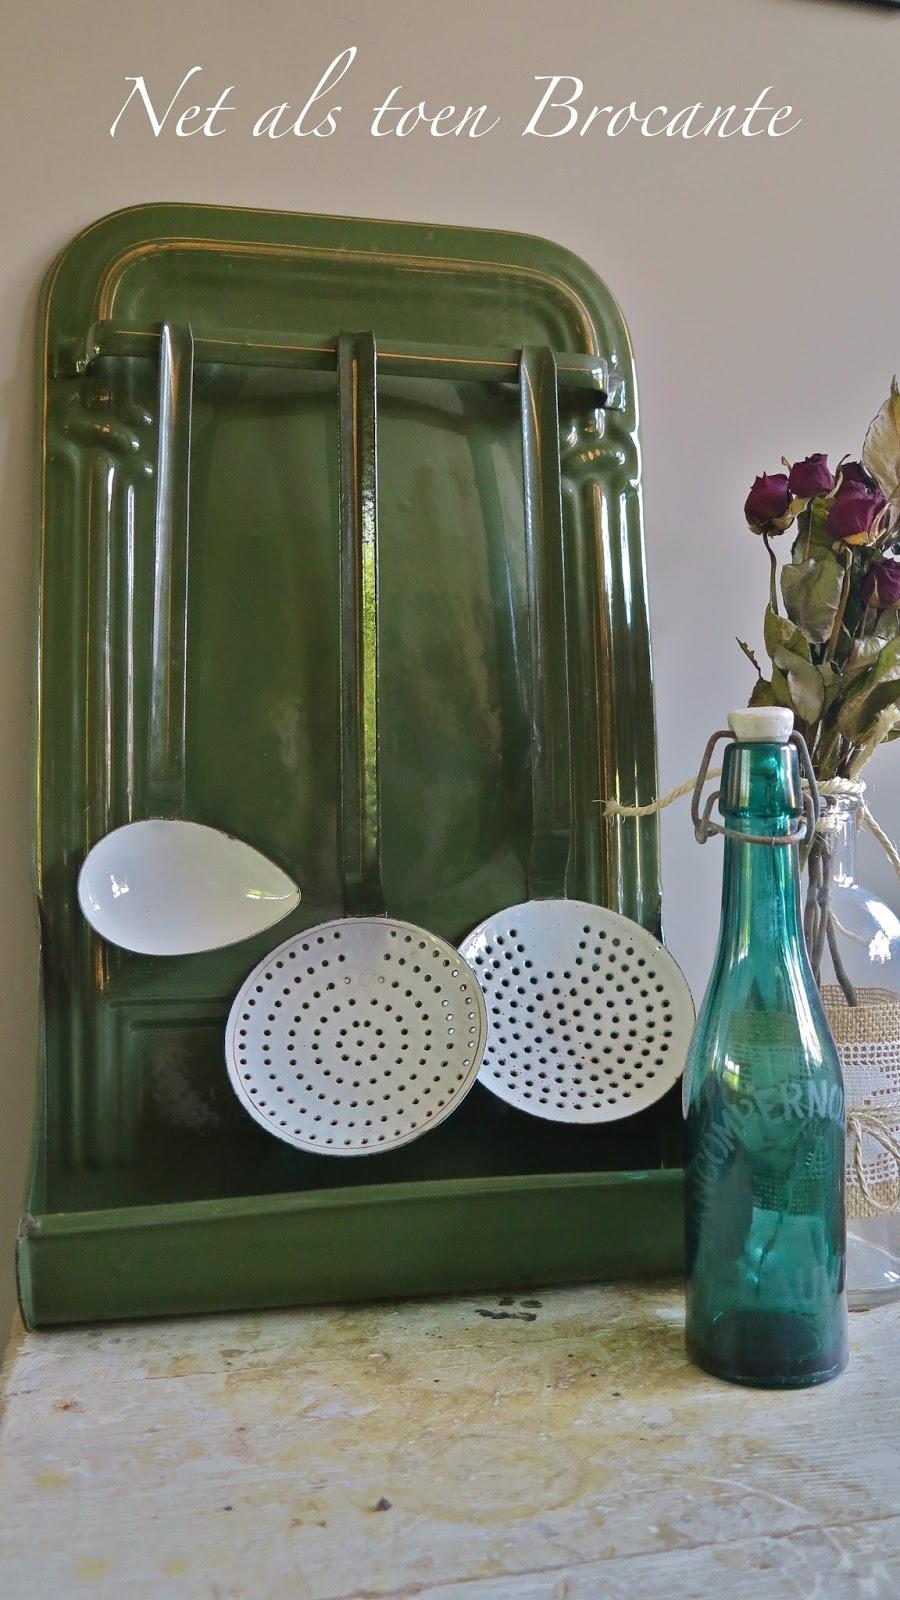 Brocante Keukenspullen : Mijn huis, Mijn leven!: Nieuwe brocante webshop: Net als toen Brocante